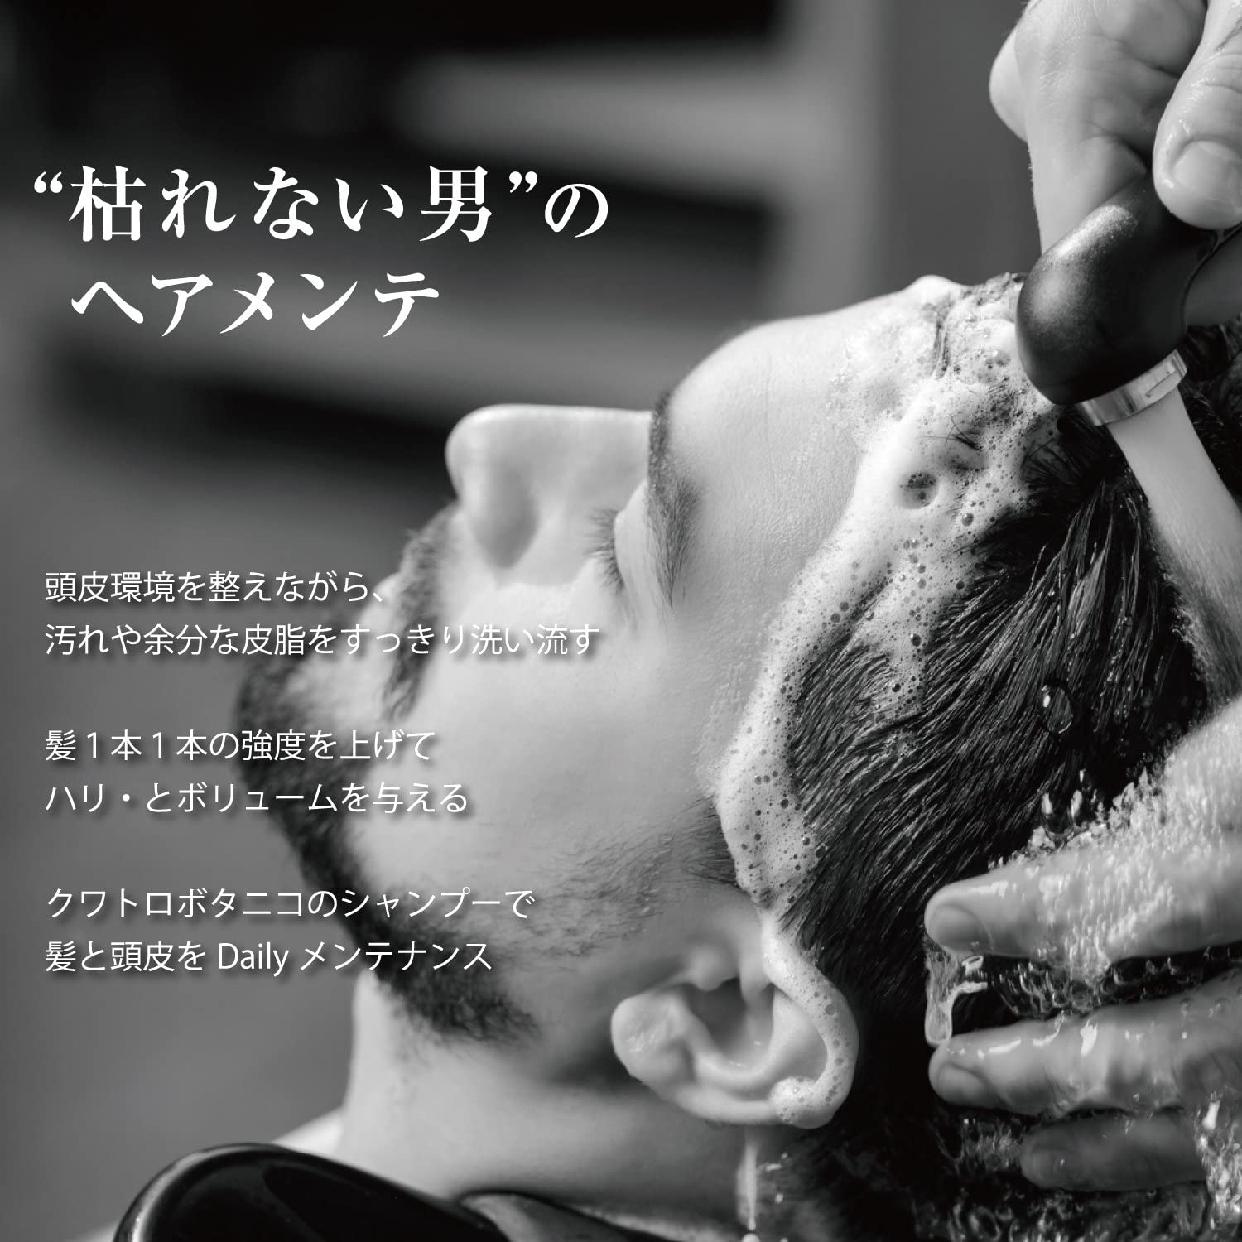 QUATTRO BOTANICO(クワトロボタニコ)ボタニカル スカルプ&ヘア シャンプーの商品画像7